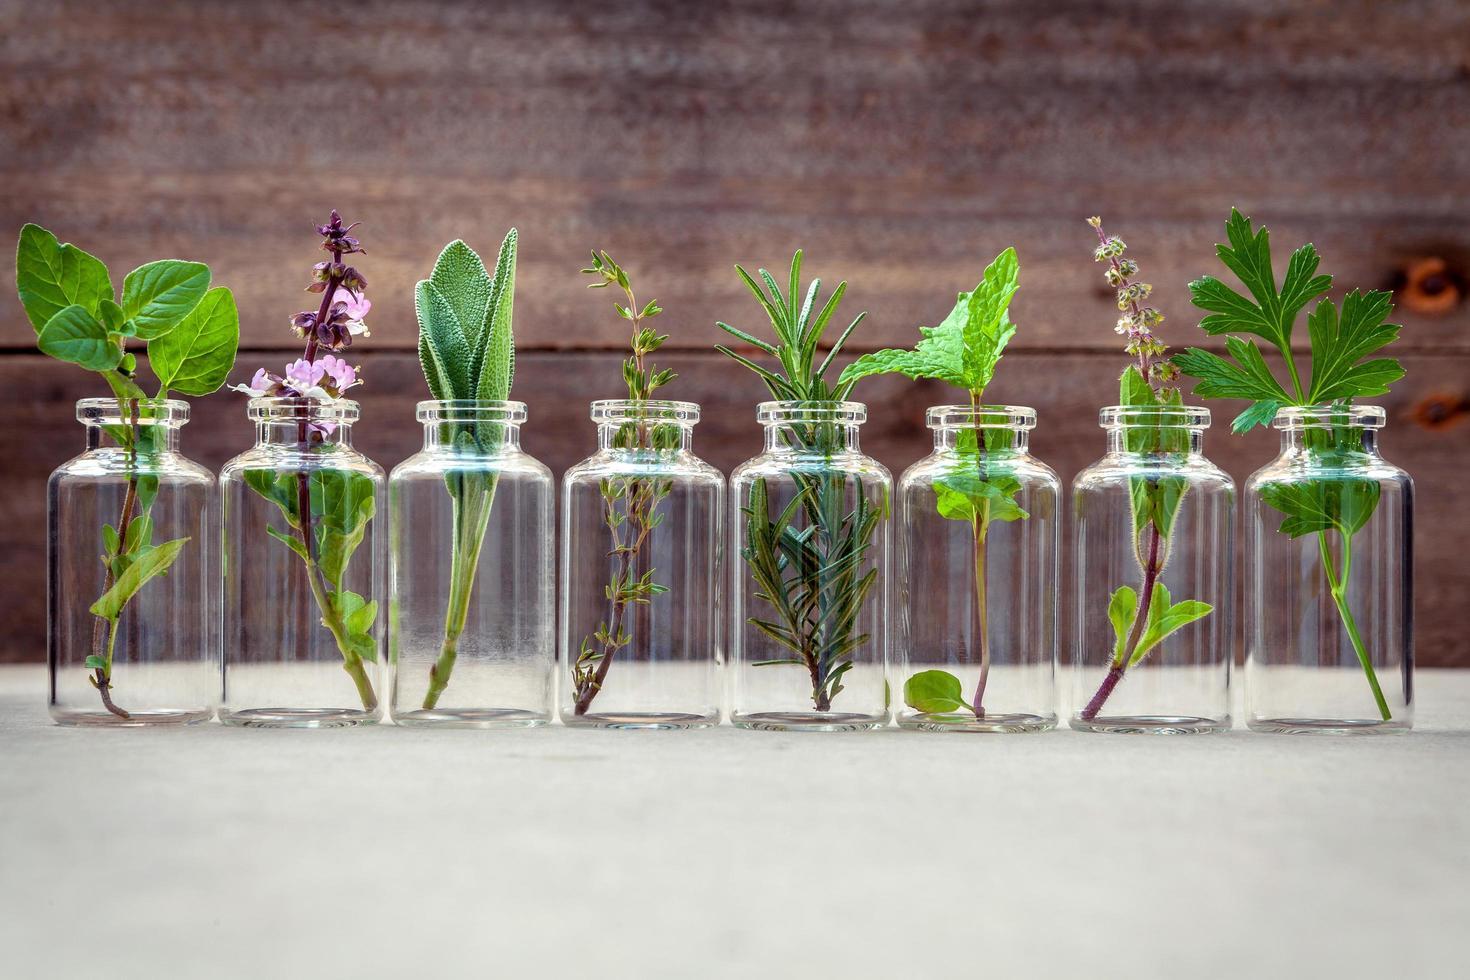 hierbas en botellas de vidrio foto